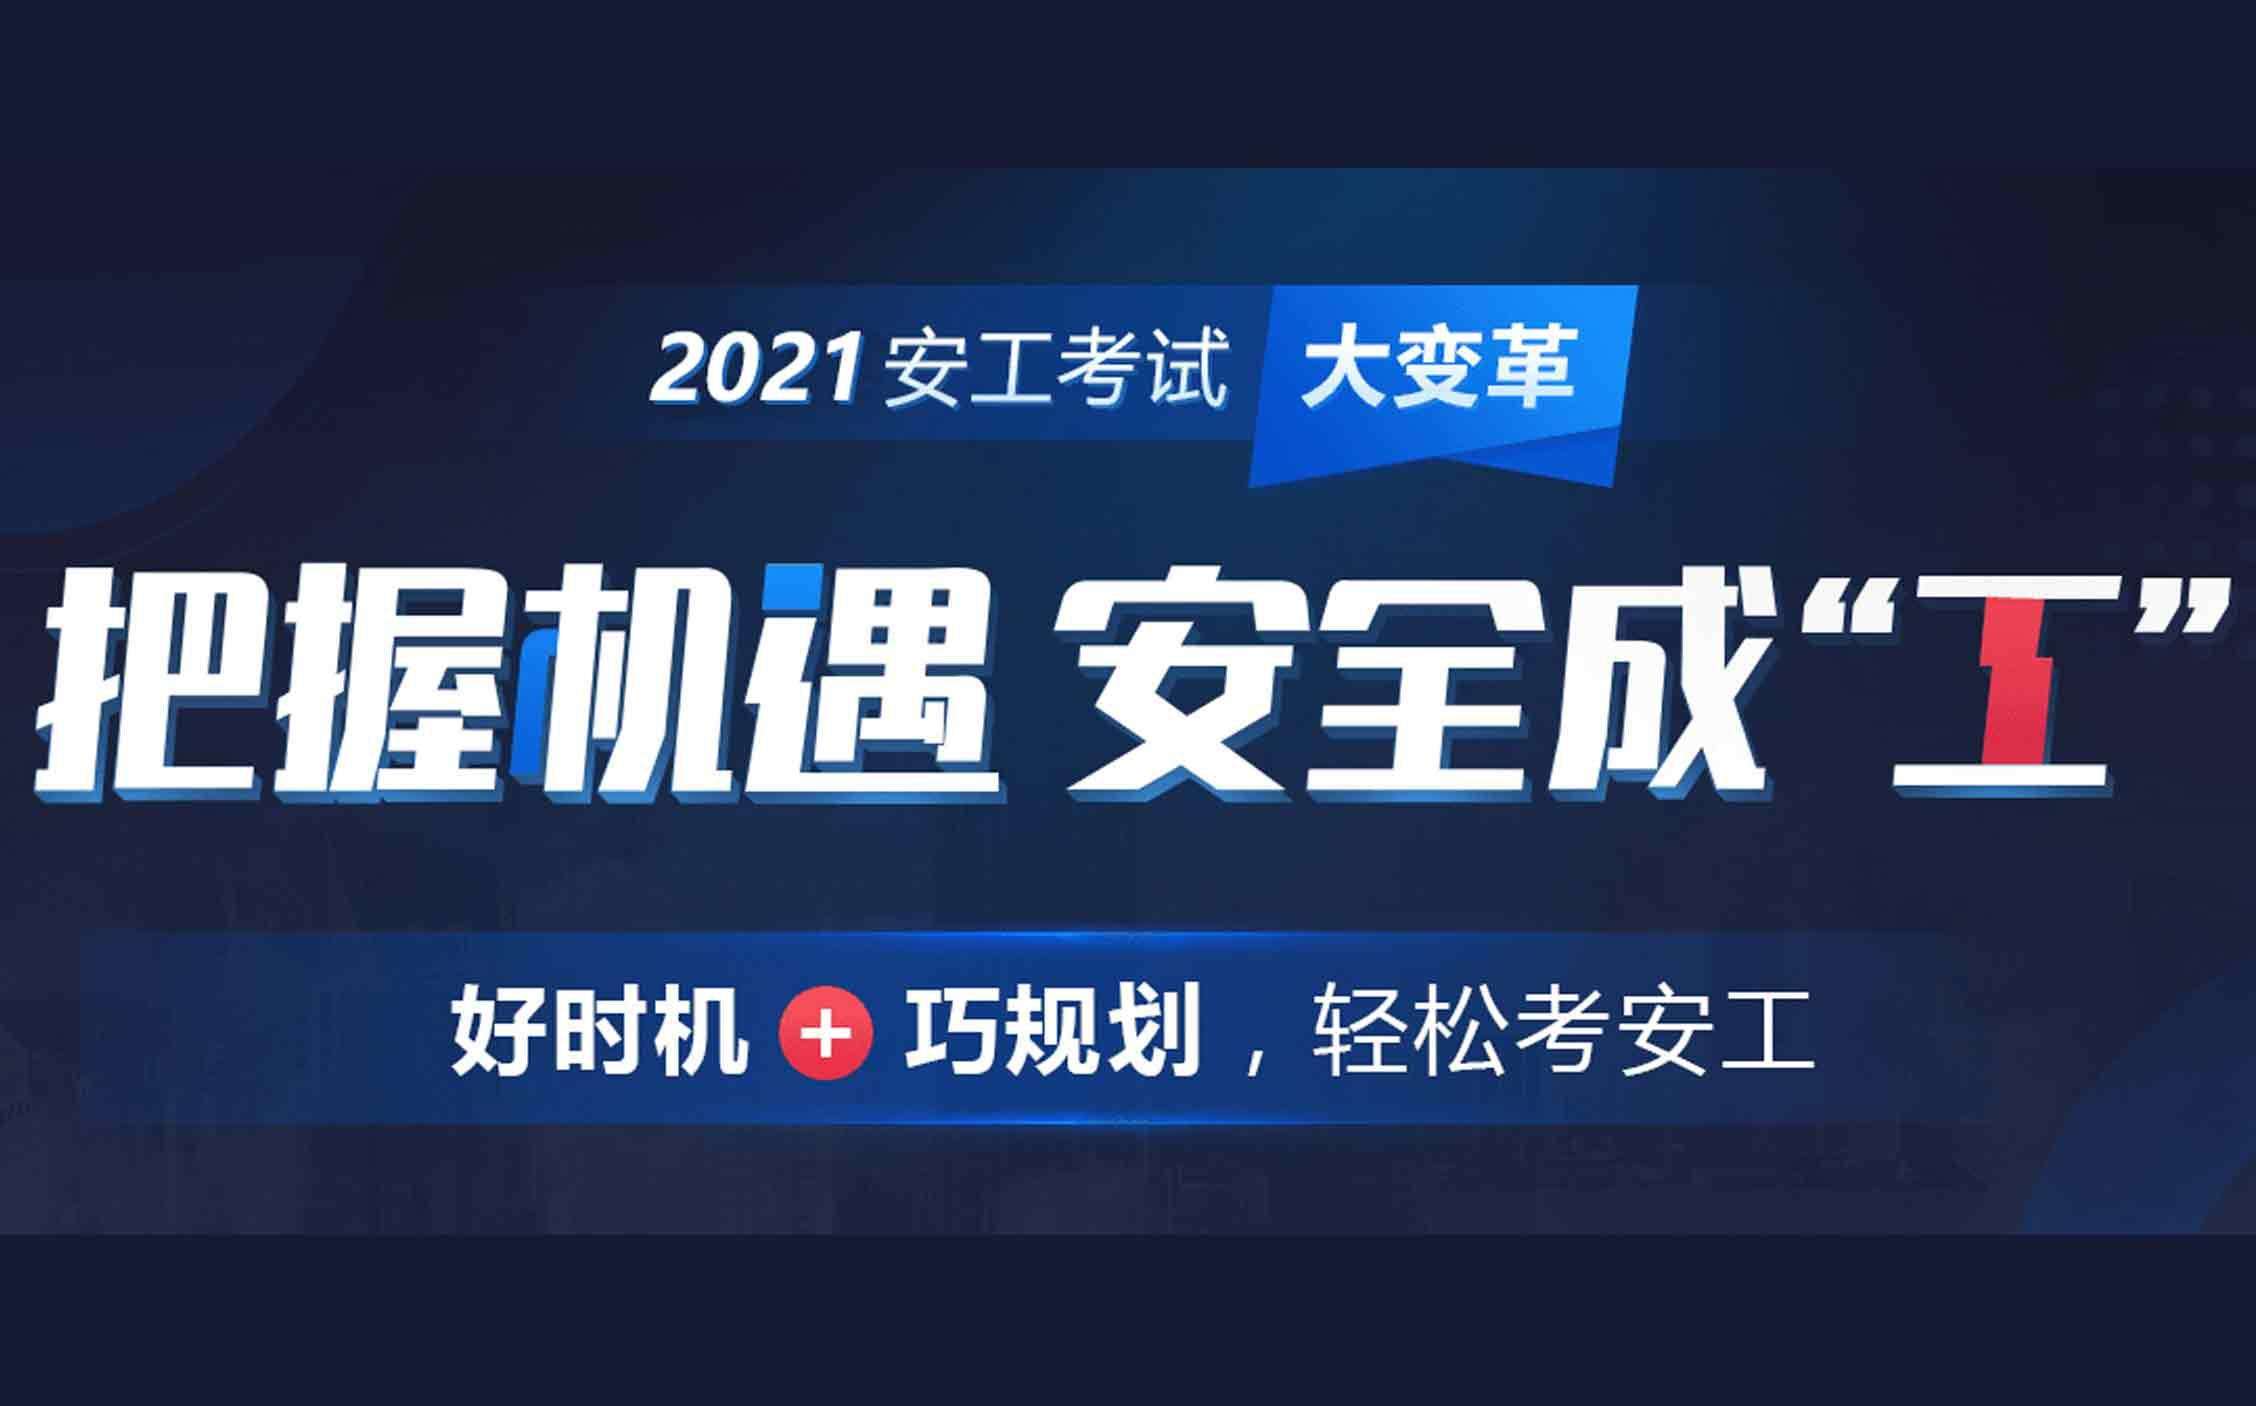 南京2021安全工程师培训机构招生简章